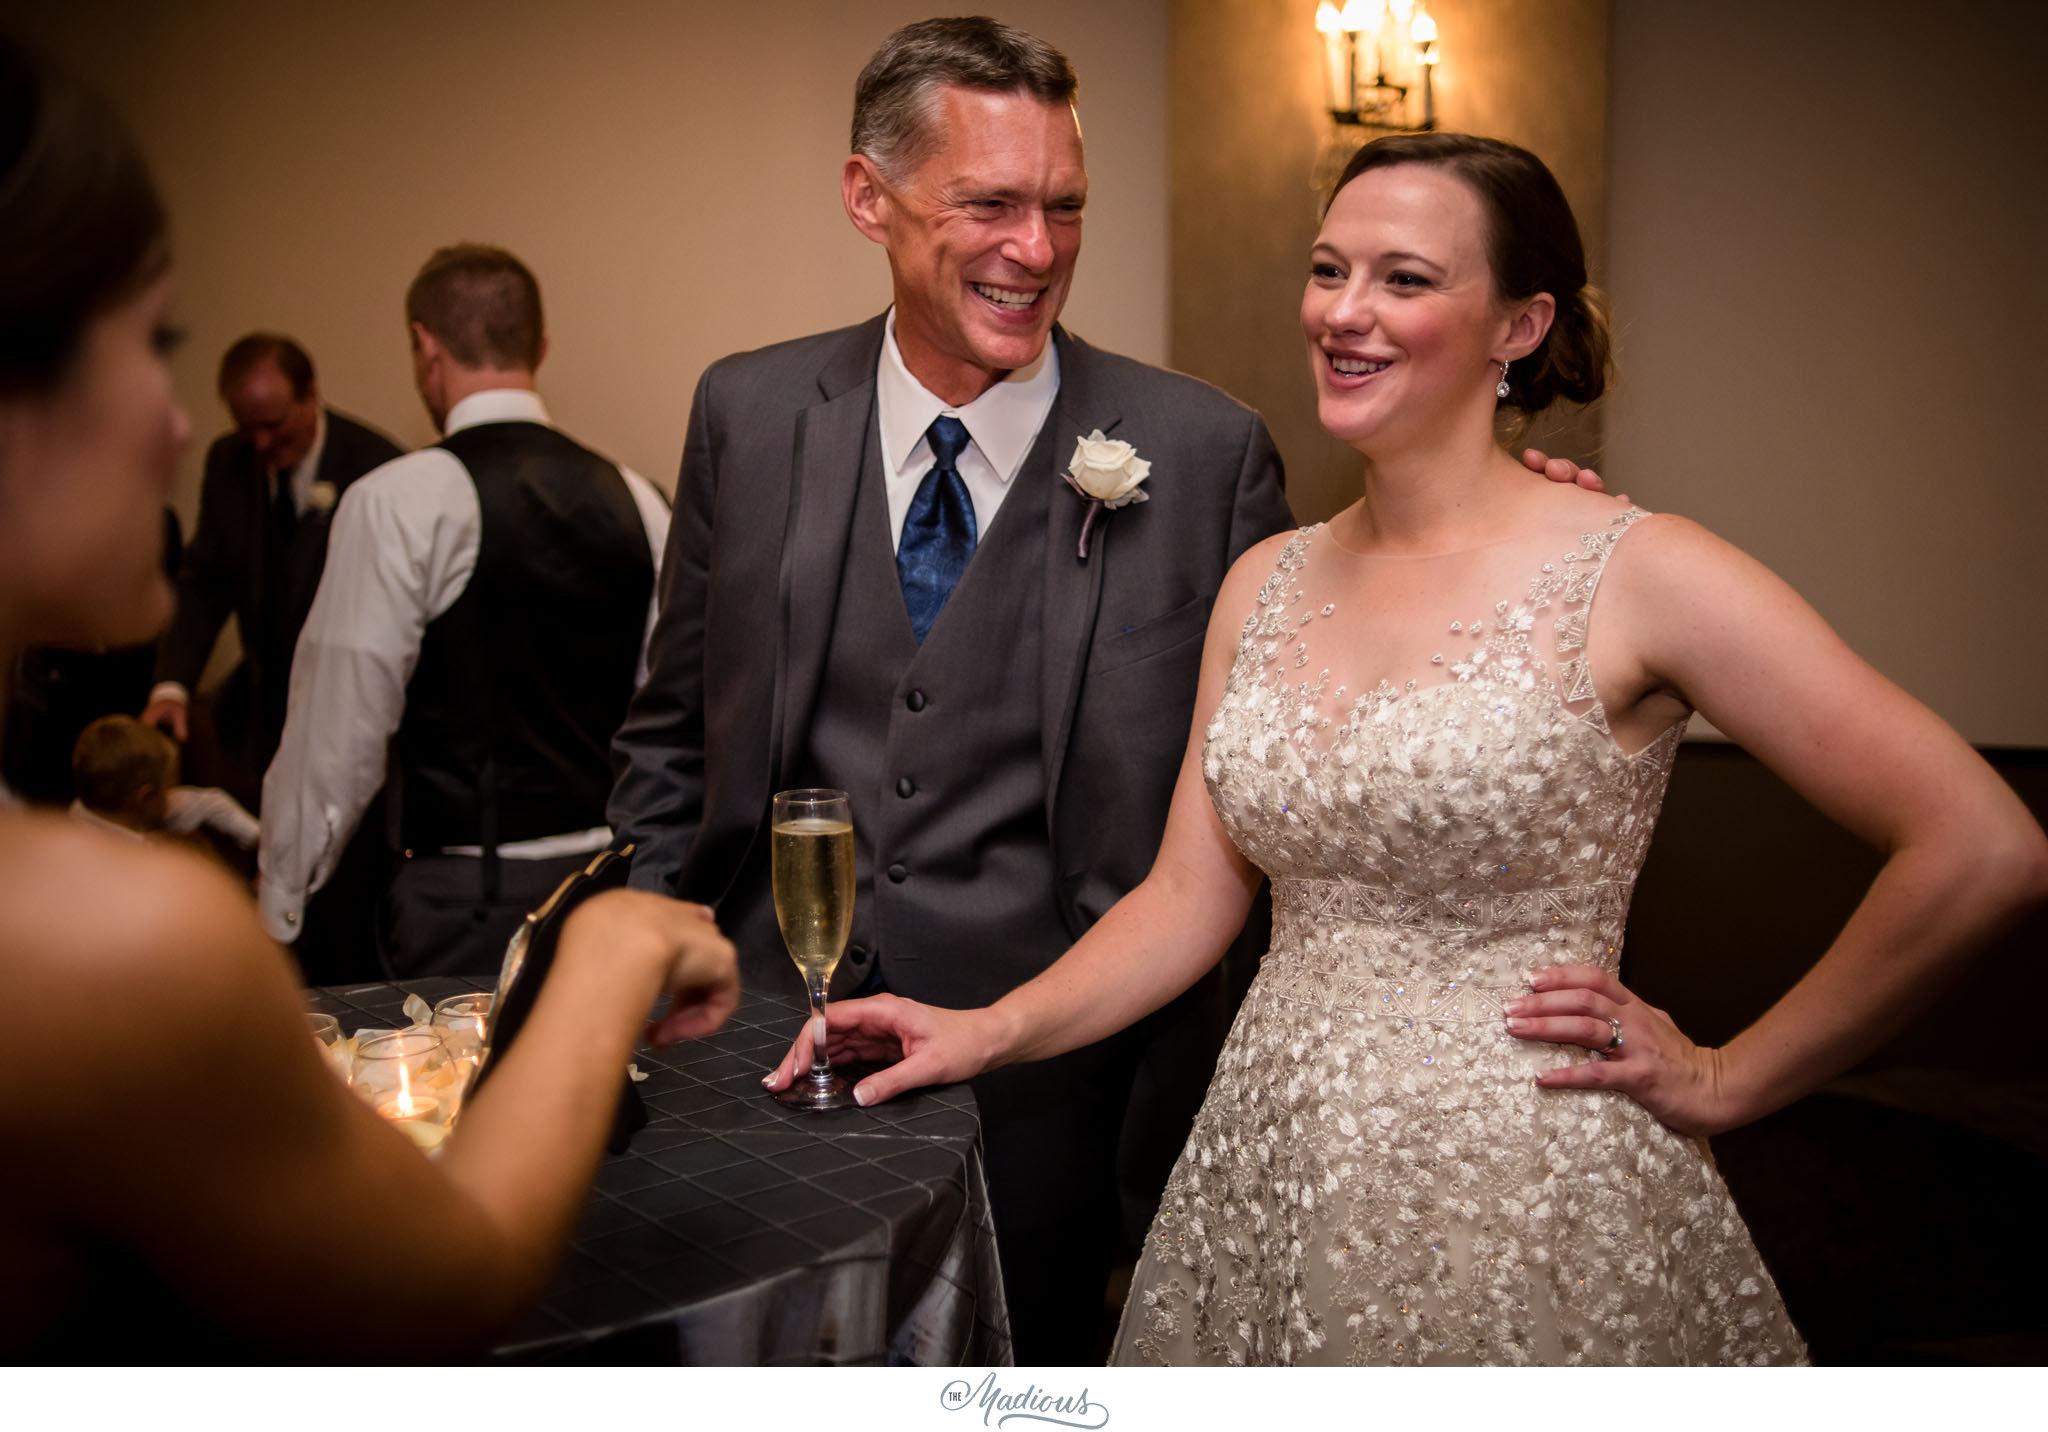 W Hotel DC wedding_066.JPG